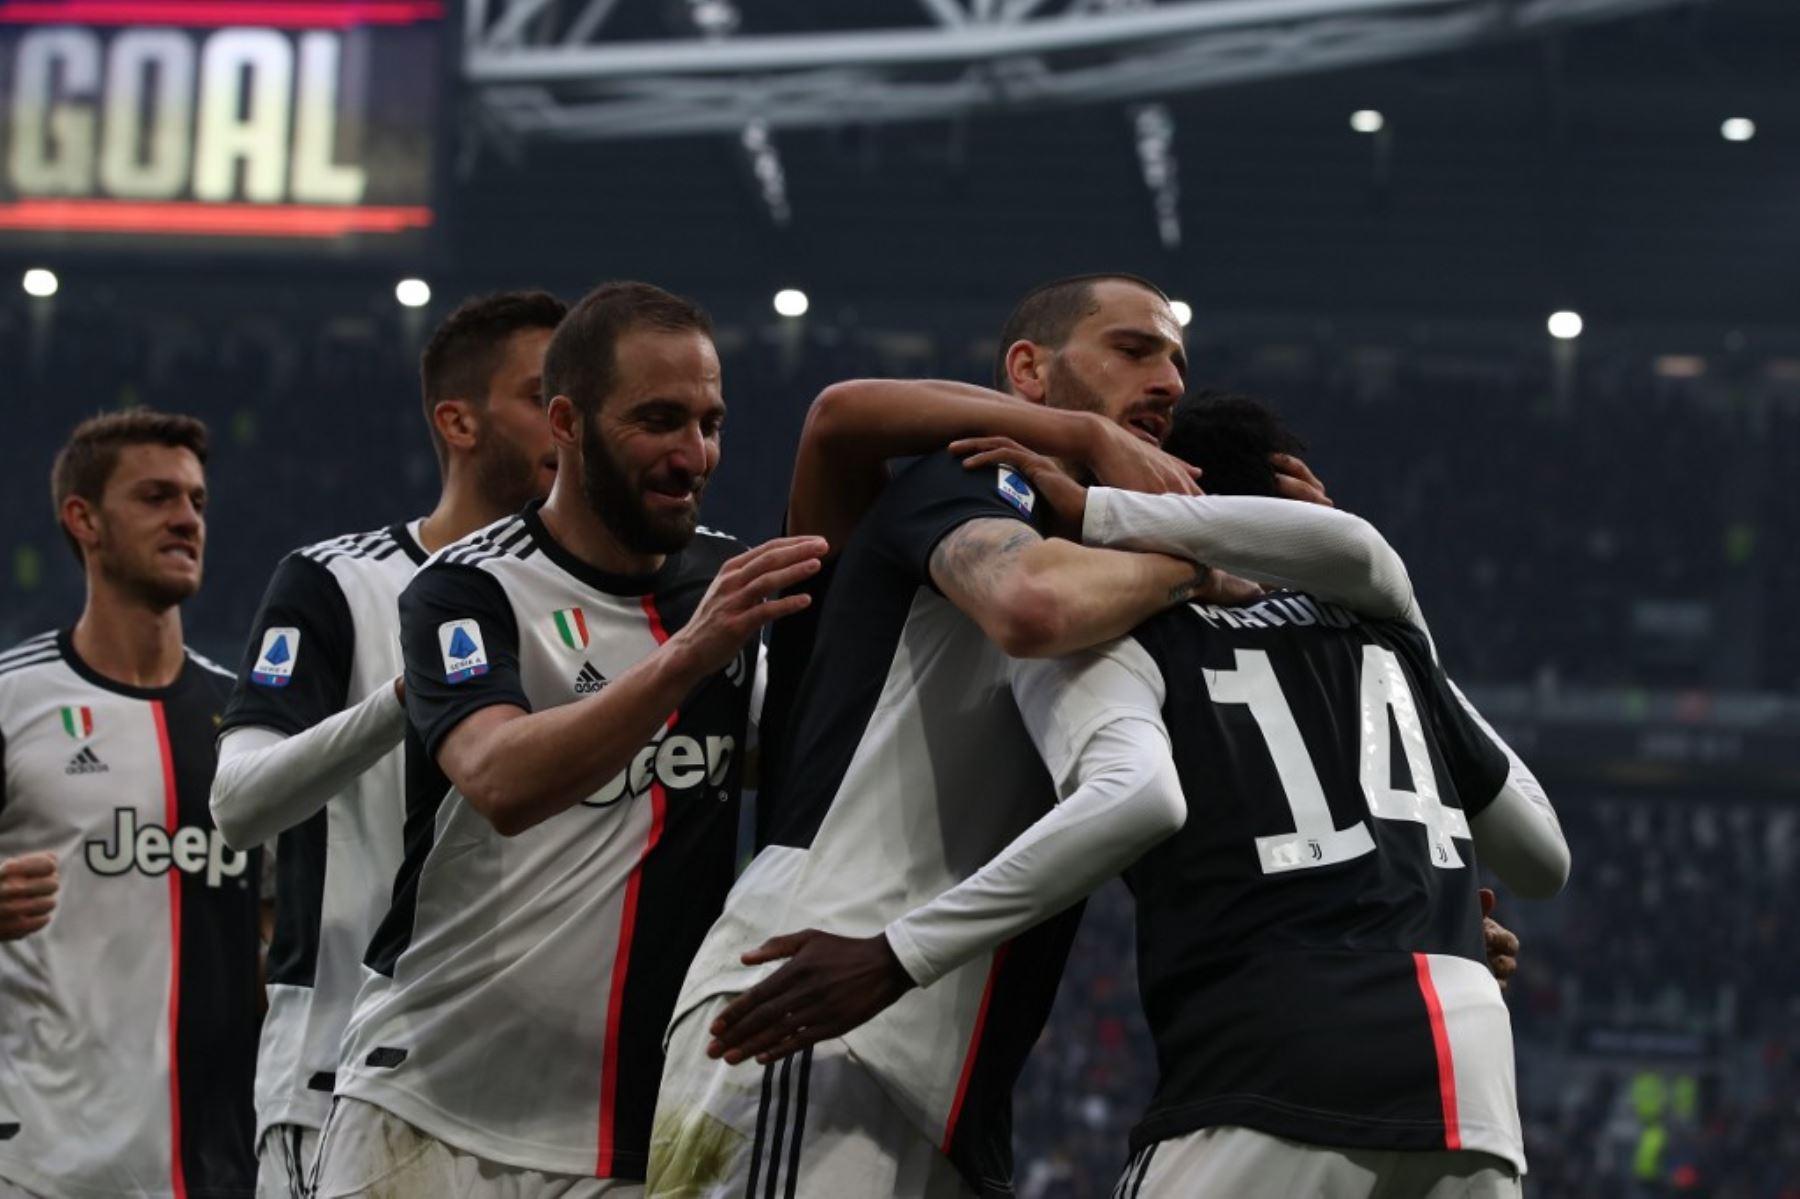 La Juventus, sin Ronaldo, se puso como líder provisional del Calcio italiano